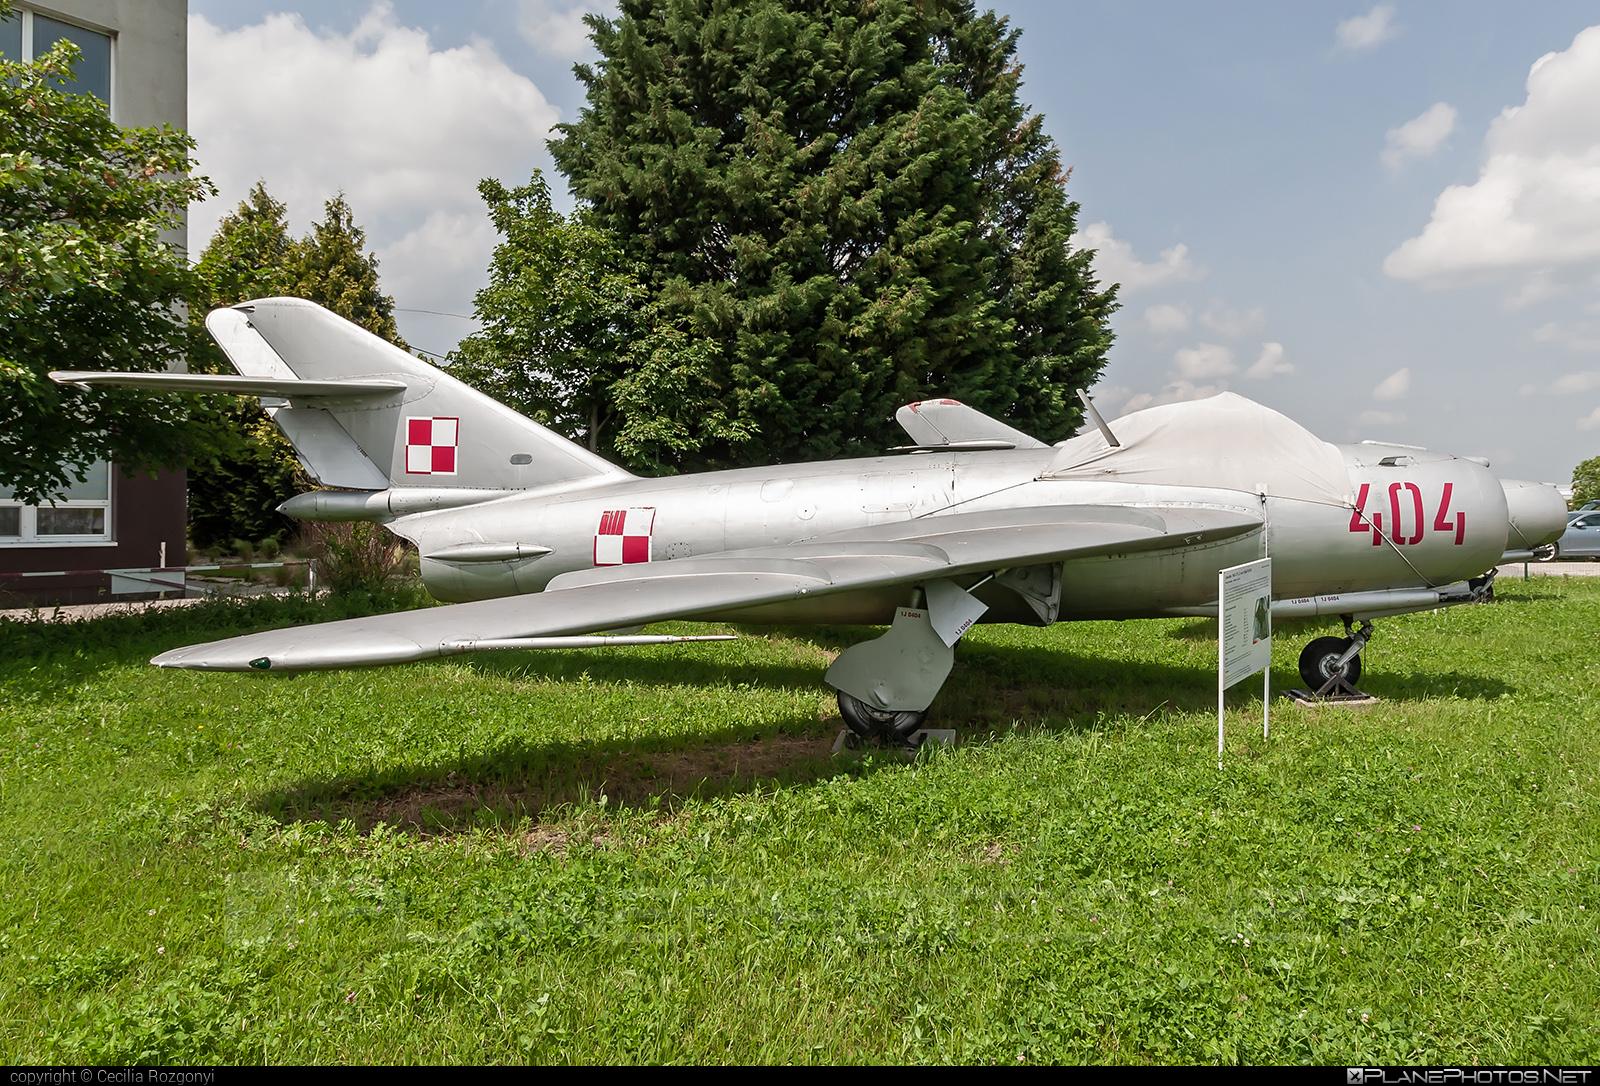 PZL-Mielec Lim-6R - 404 operated by Siły Powietrzne Rzeczypospolitej Polskiej (Polish Air Force) #polishairforce #pzl #pzlmielec #silypowietrzne